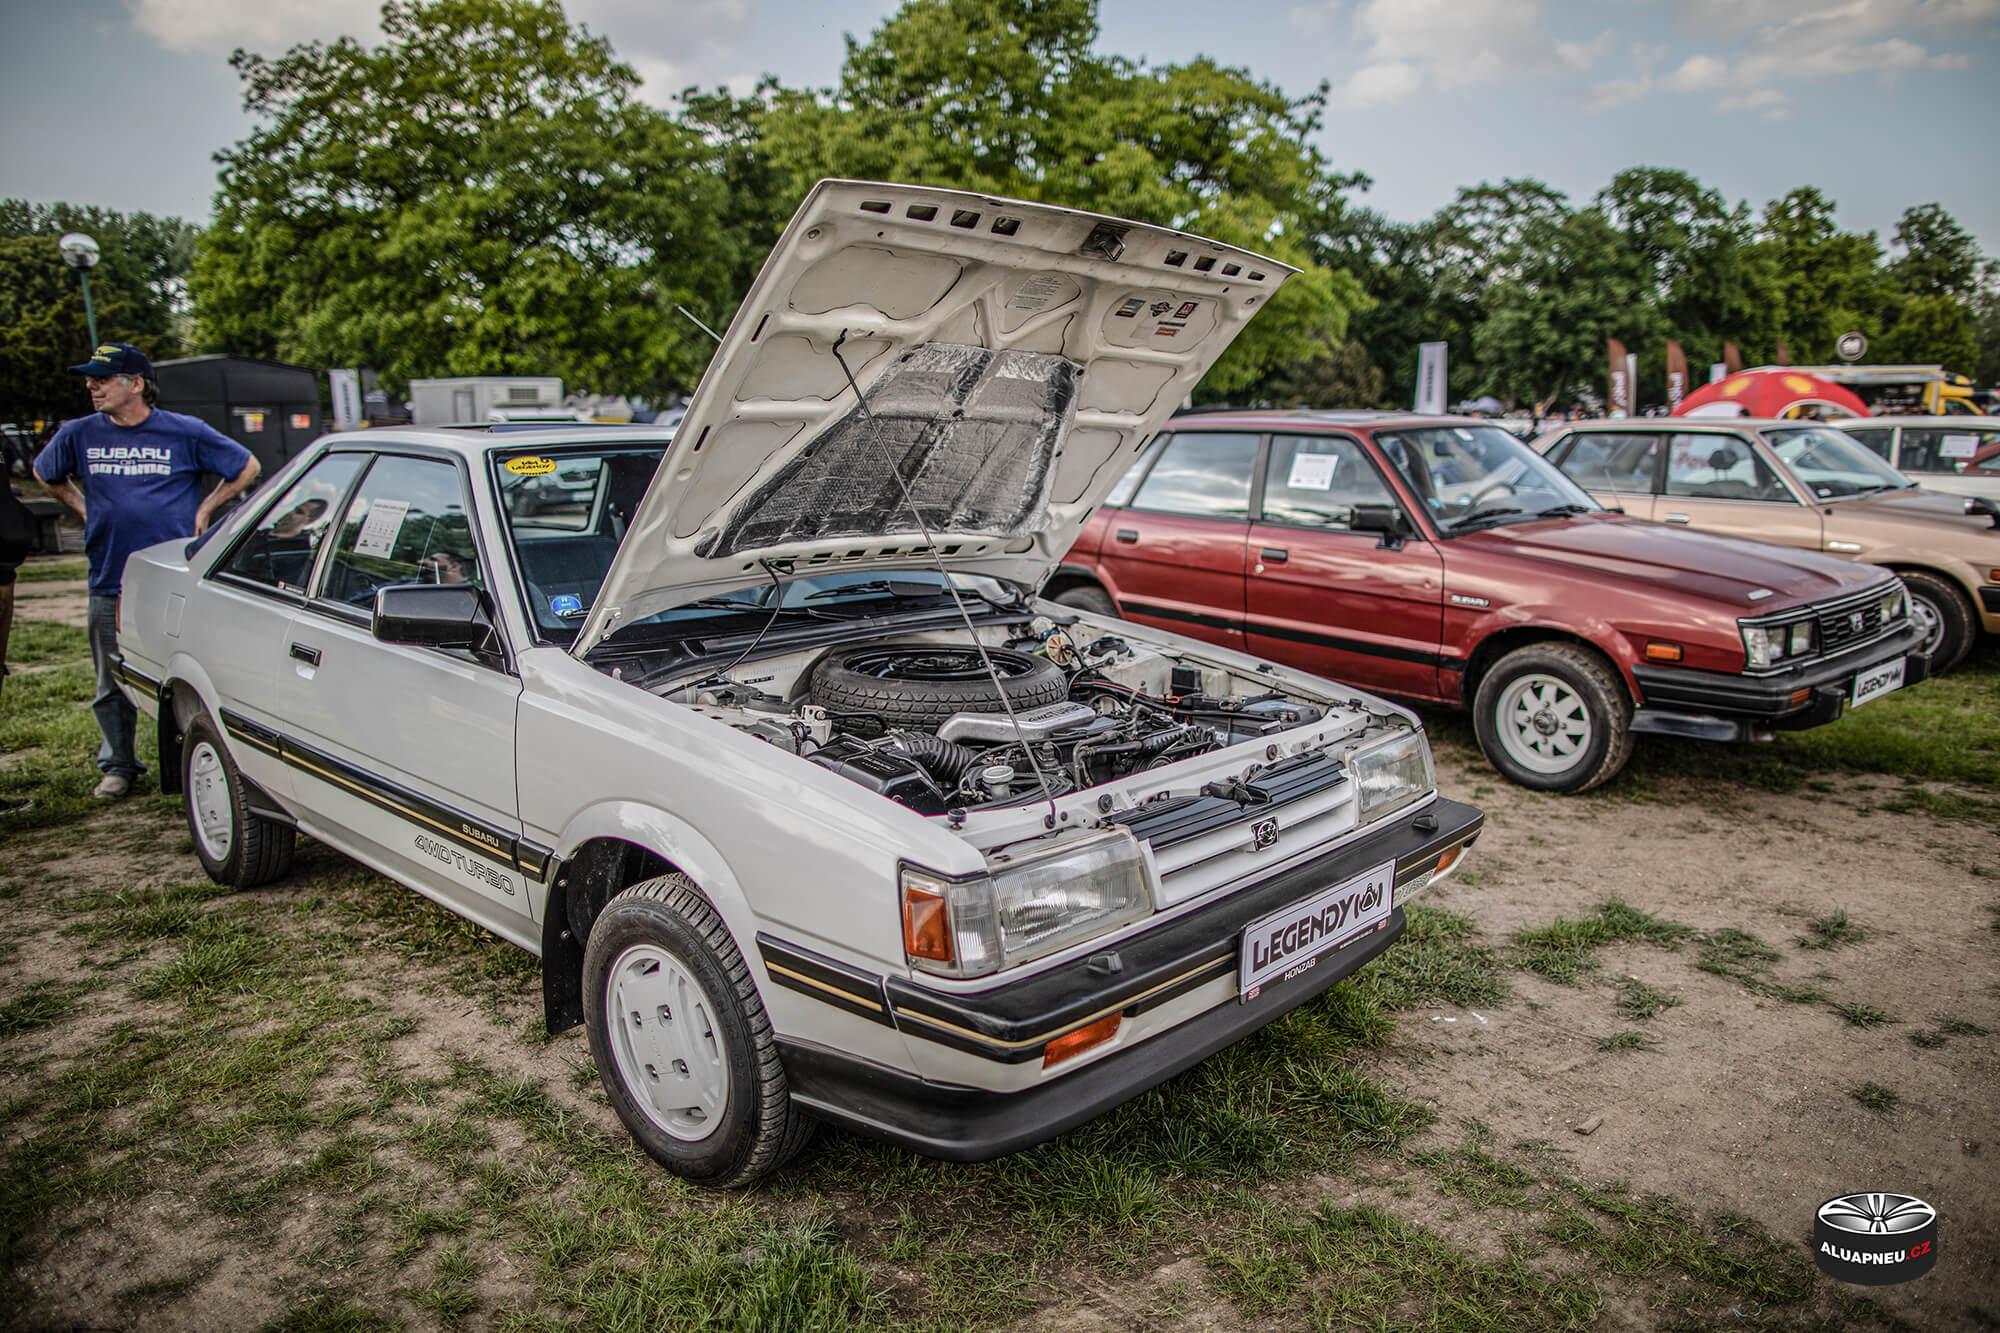 Subaru - Youngtimer - www.aluapneu.cz